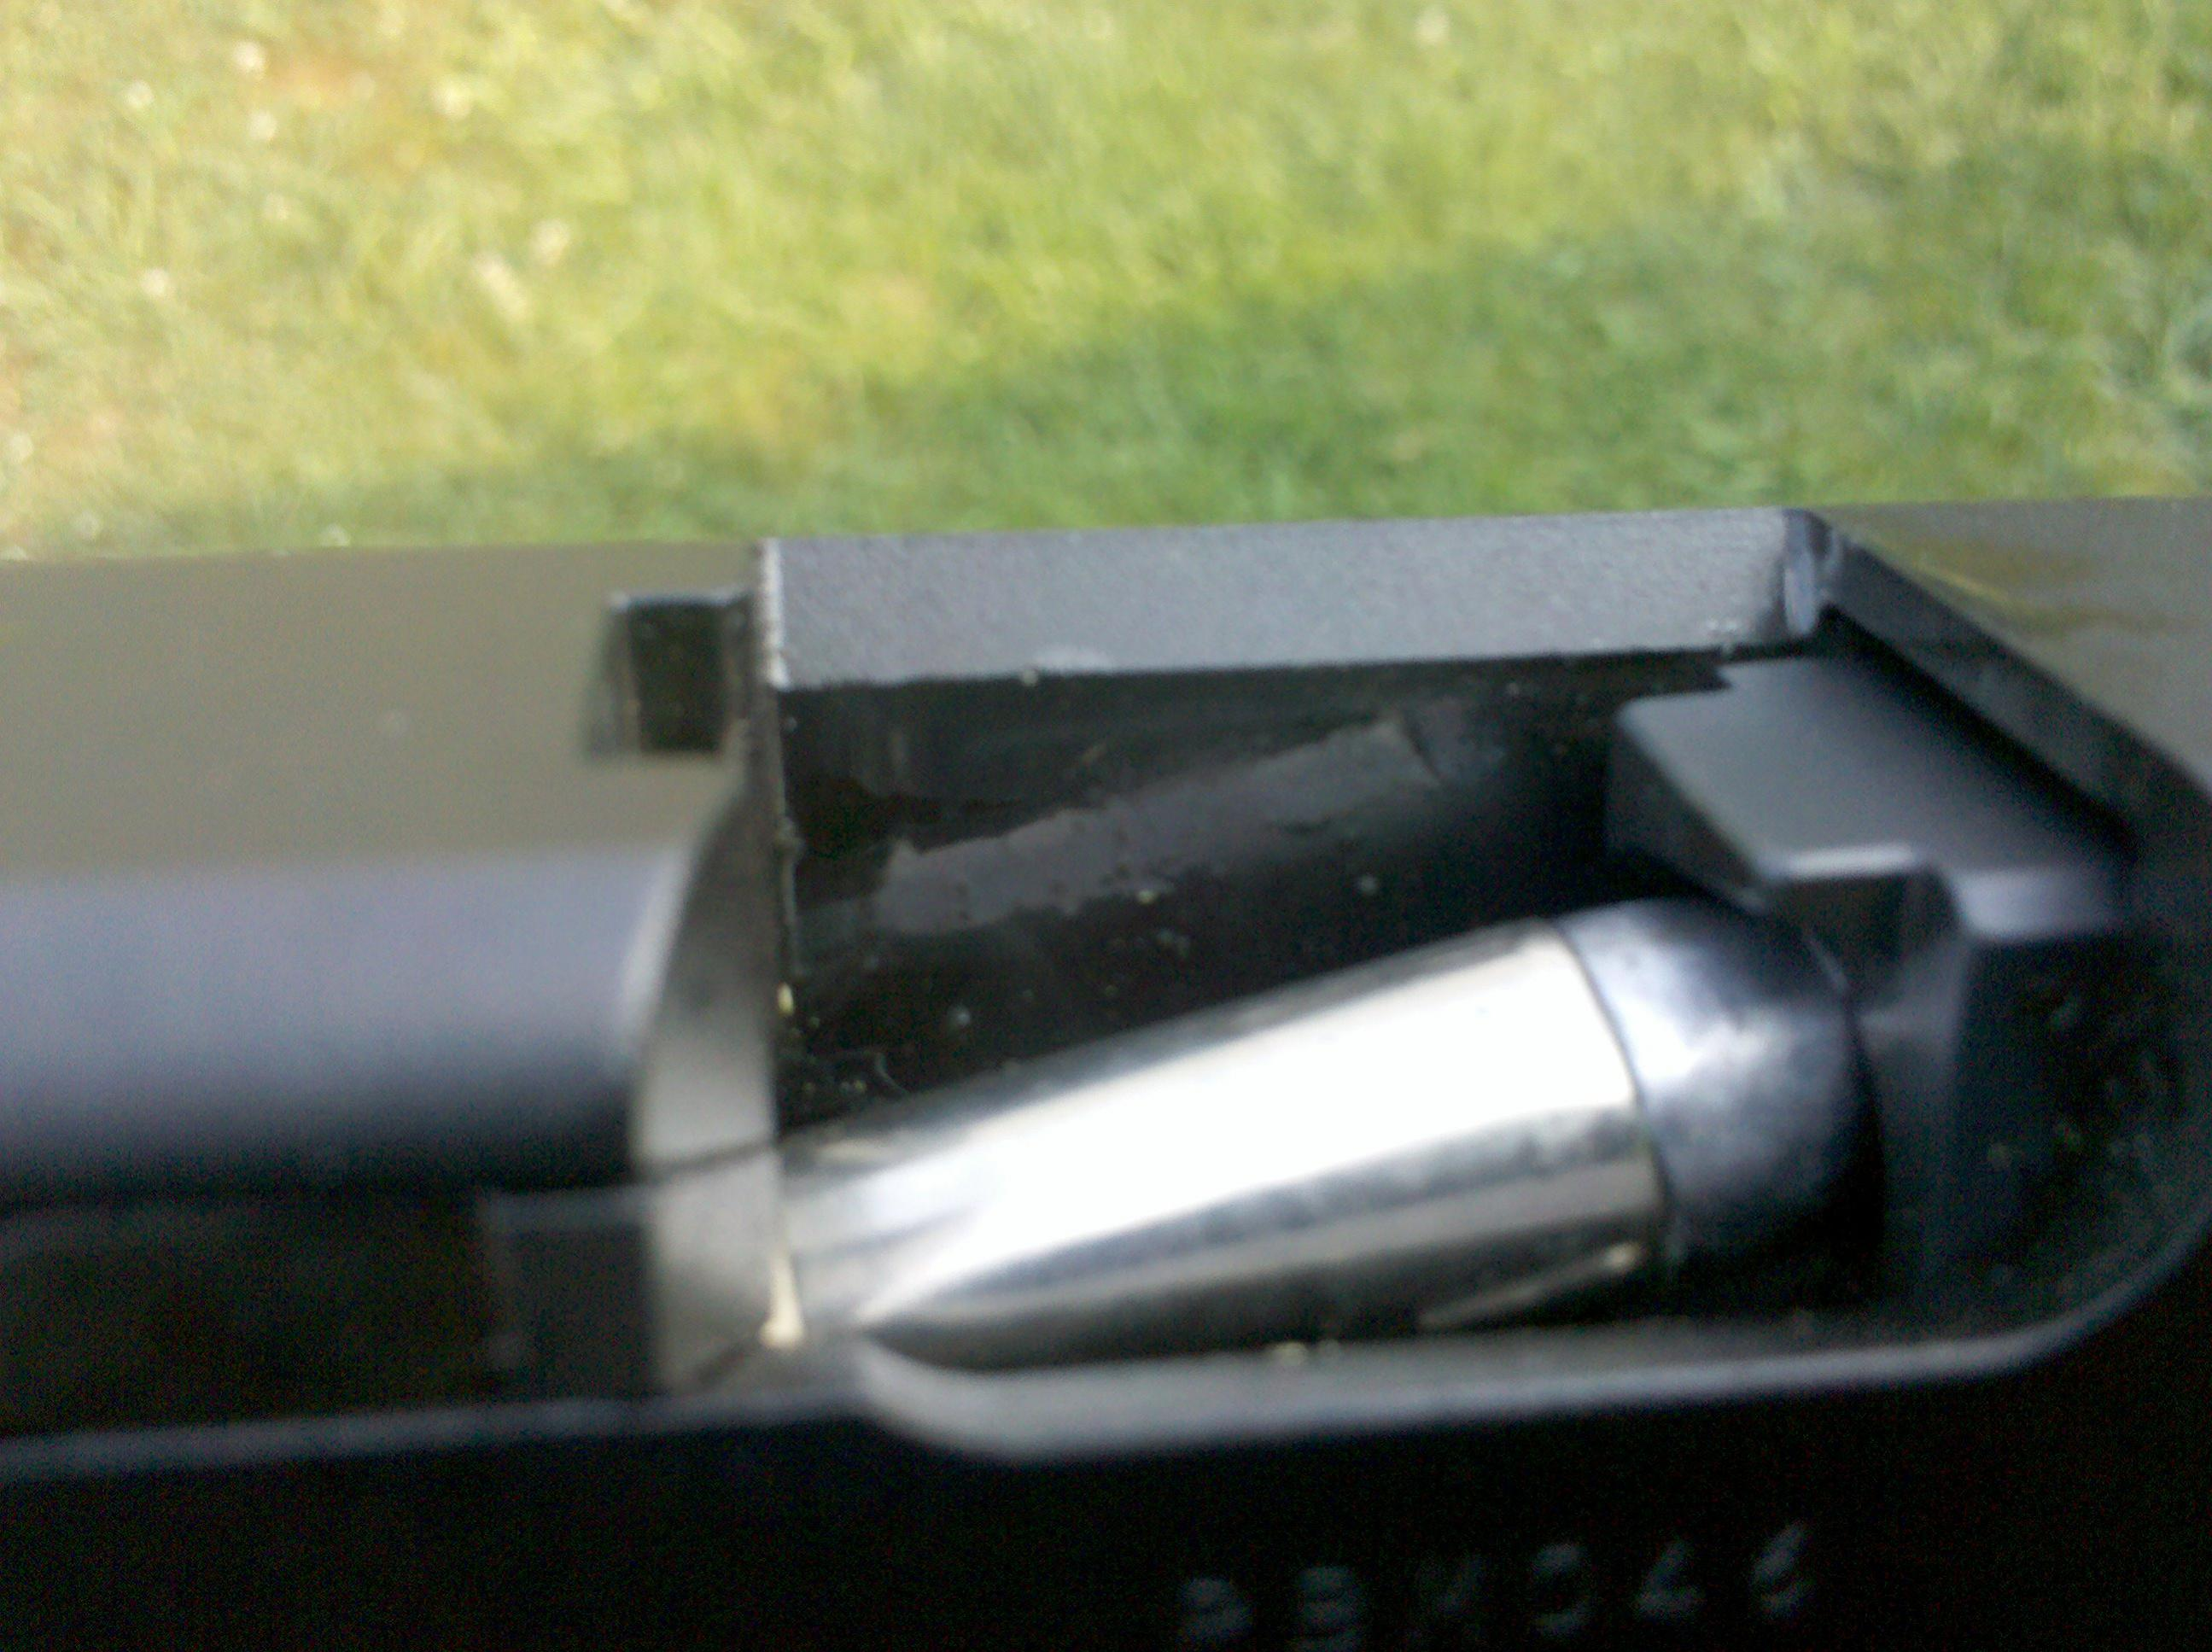 New ammo feeding issue-2010-07-08_17_49_46.jpg